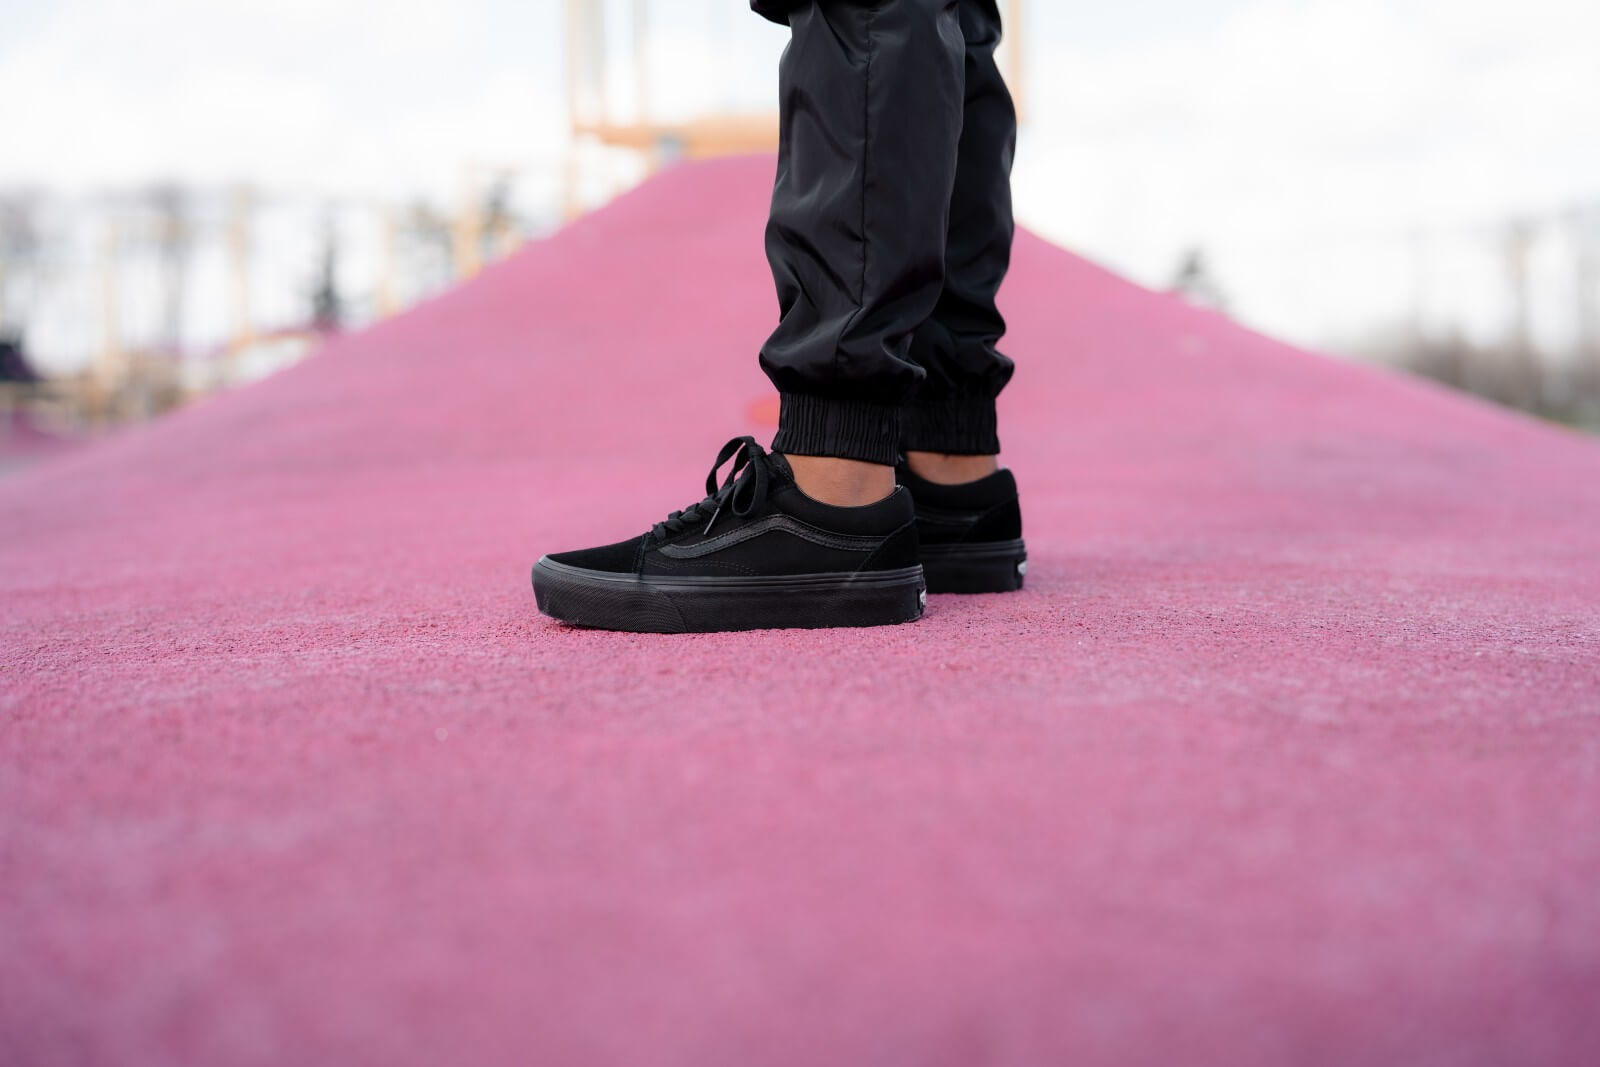 vans all black platform